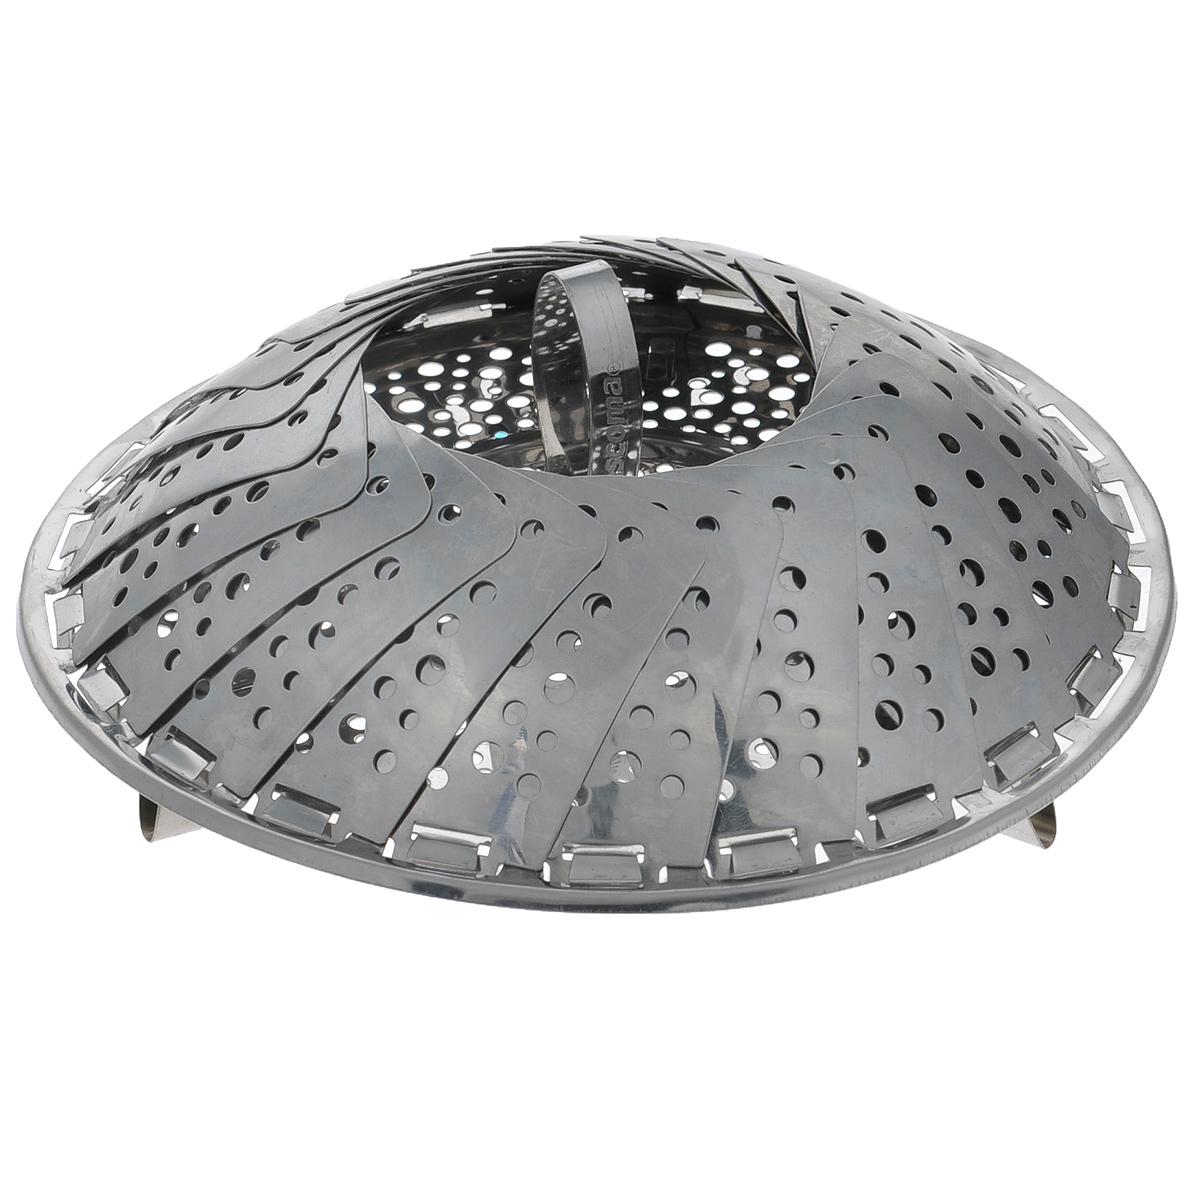 Пароварка Tescoma Presto, 18-28 смCM000001328Пароварка Tescoma Presto предназначена для приготовления пищи на пару. Изделие выполнено из высококачественной нержавеющей стали. Пароварка устанавливается сверху на посуду. Подходит для посуды с различным диаметром. Складная, в сложенном виде занимает минимум пространства. Можно мыть в посудомоечной машине.